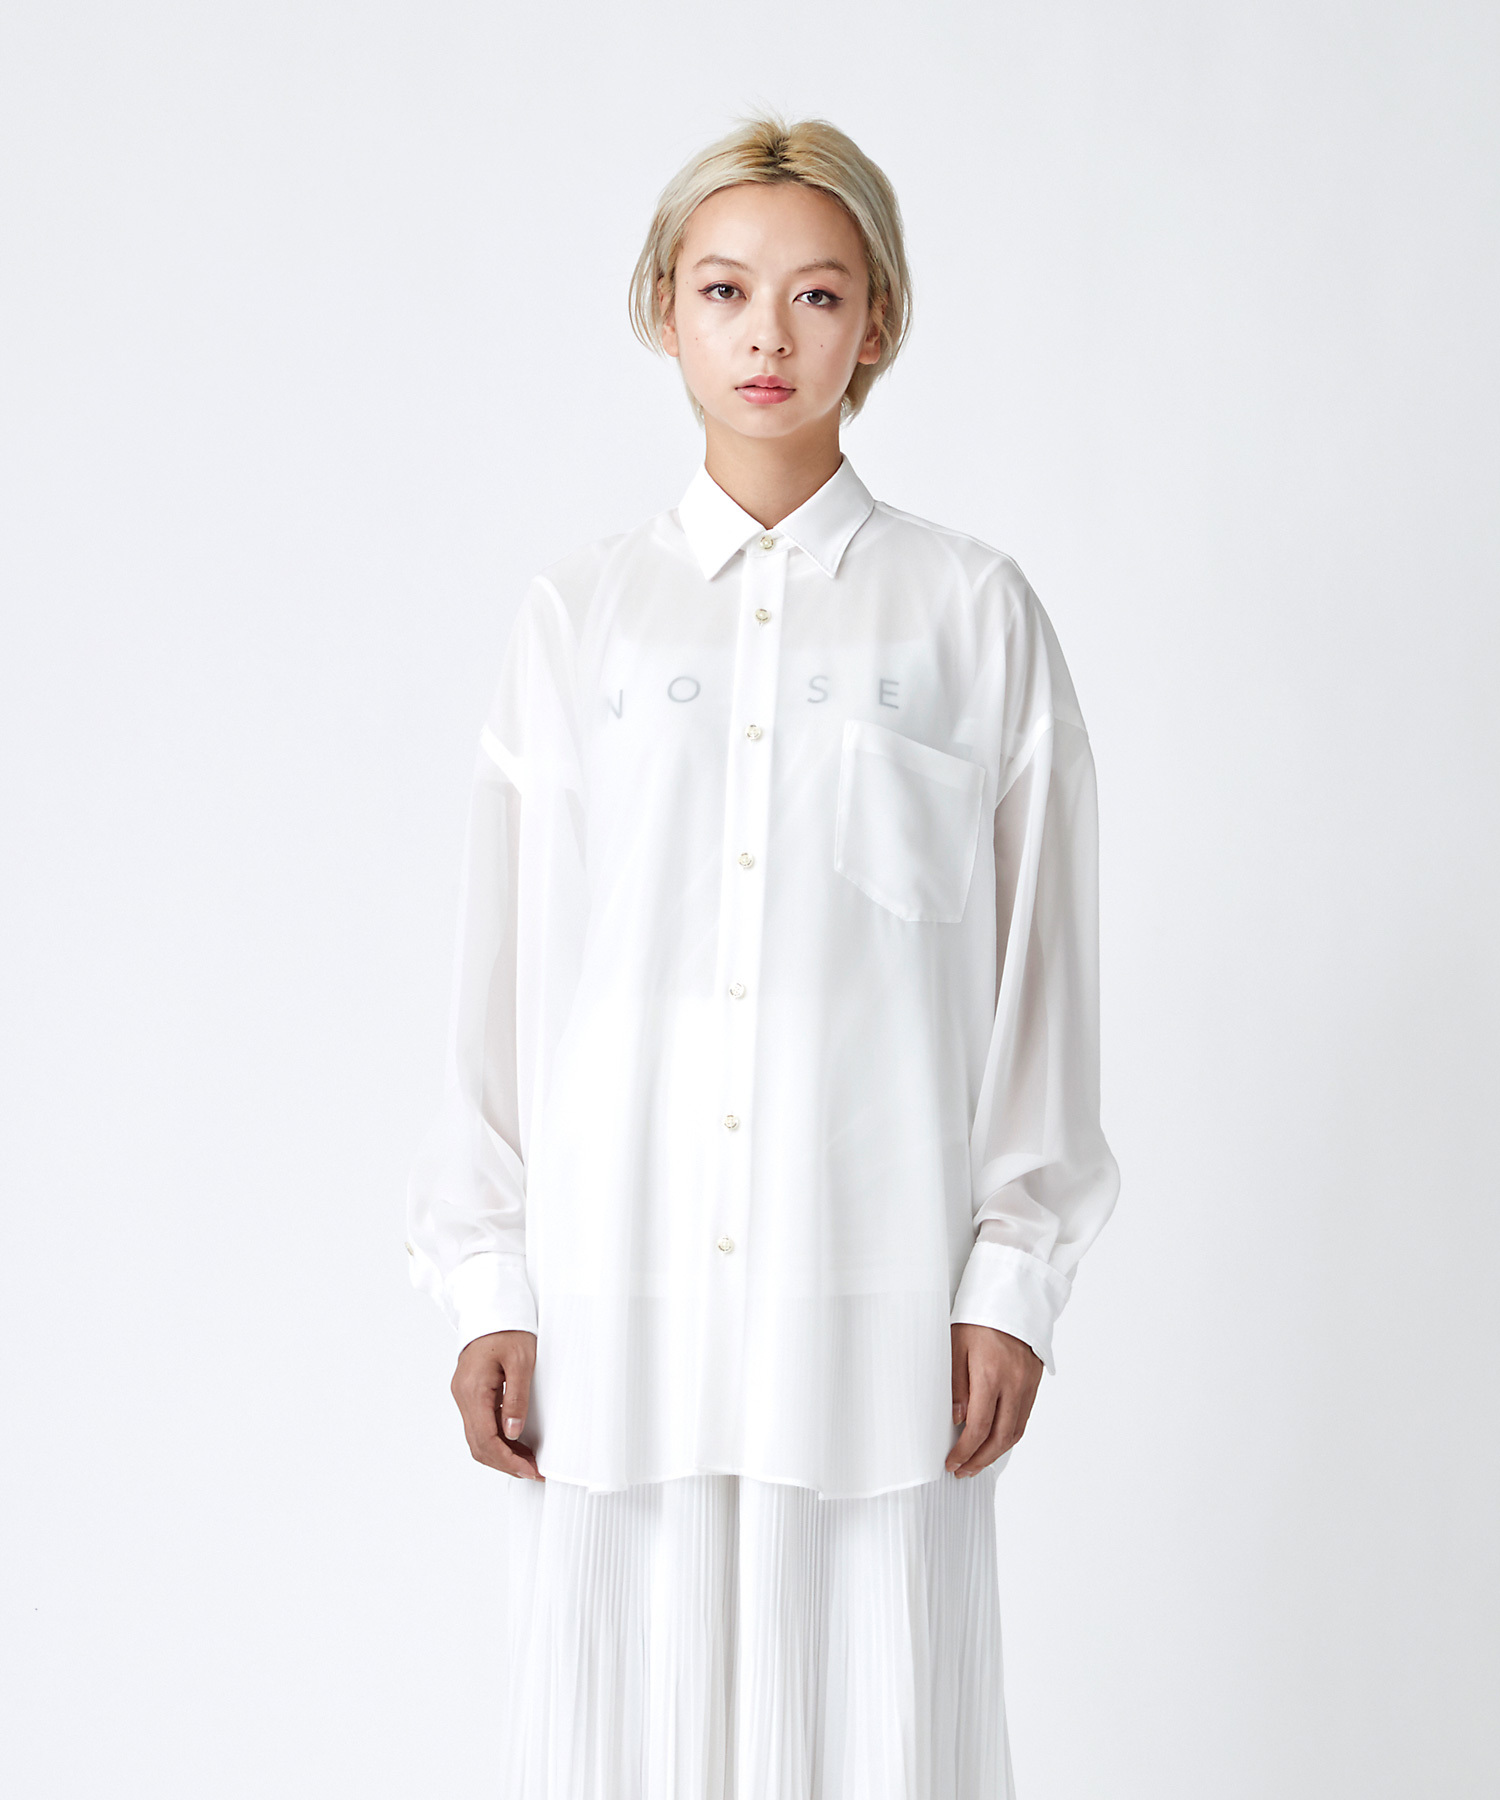 シフォンBIGシャツ(オフホワイト)